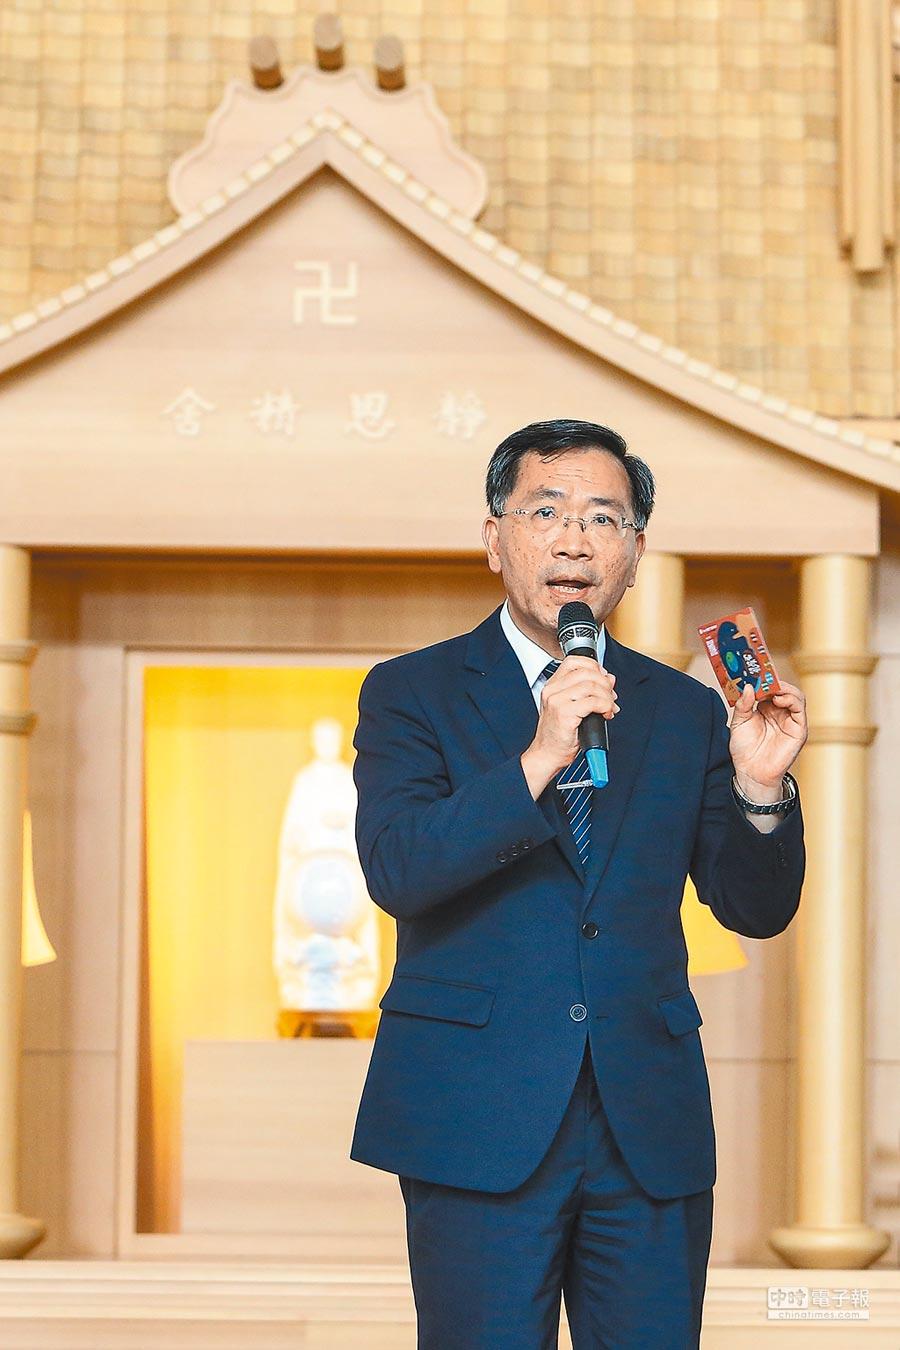 台北市長柯文哲連任後第3位副市長至今仍懸缺,12日傳出曾在前台中市長胡志強任內擔任副市長的蔡炳坤。(本報資料照片)